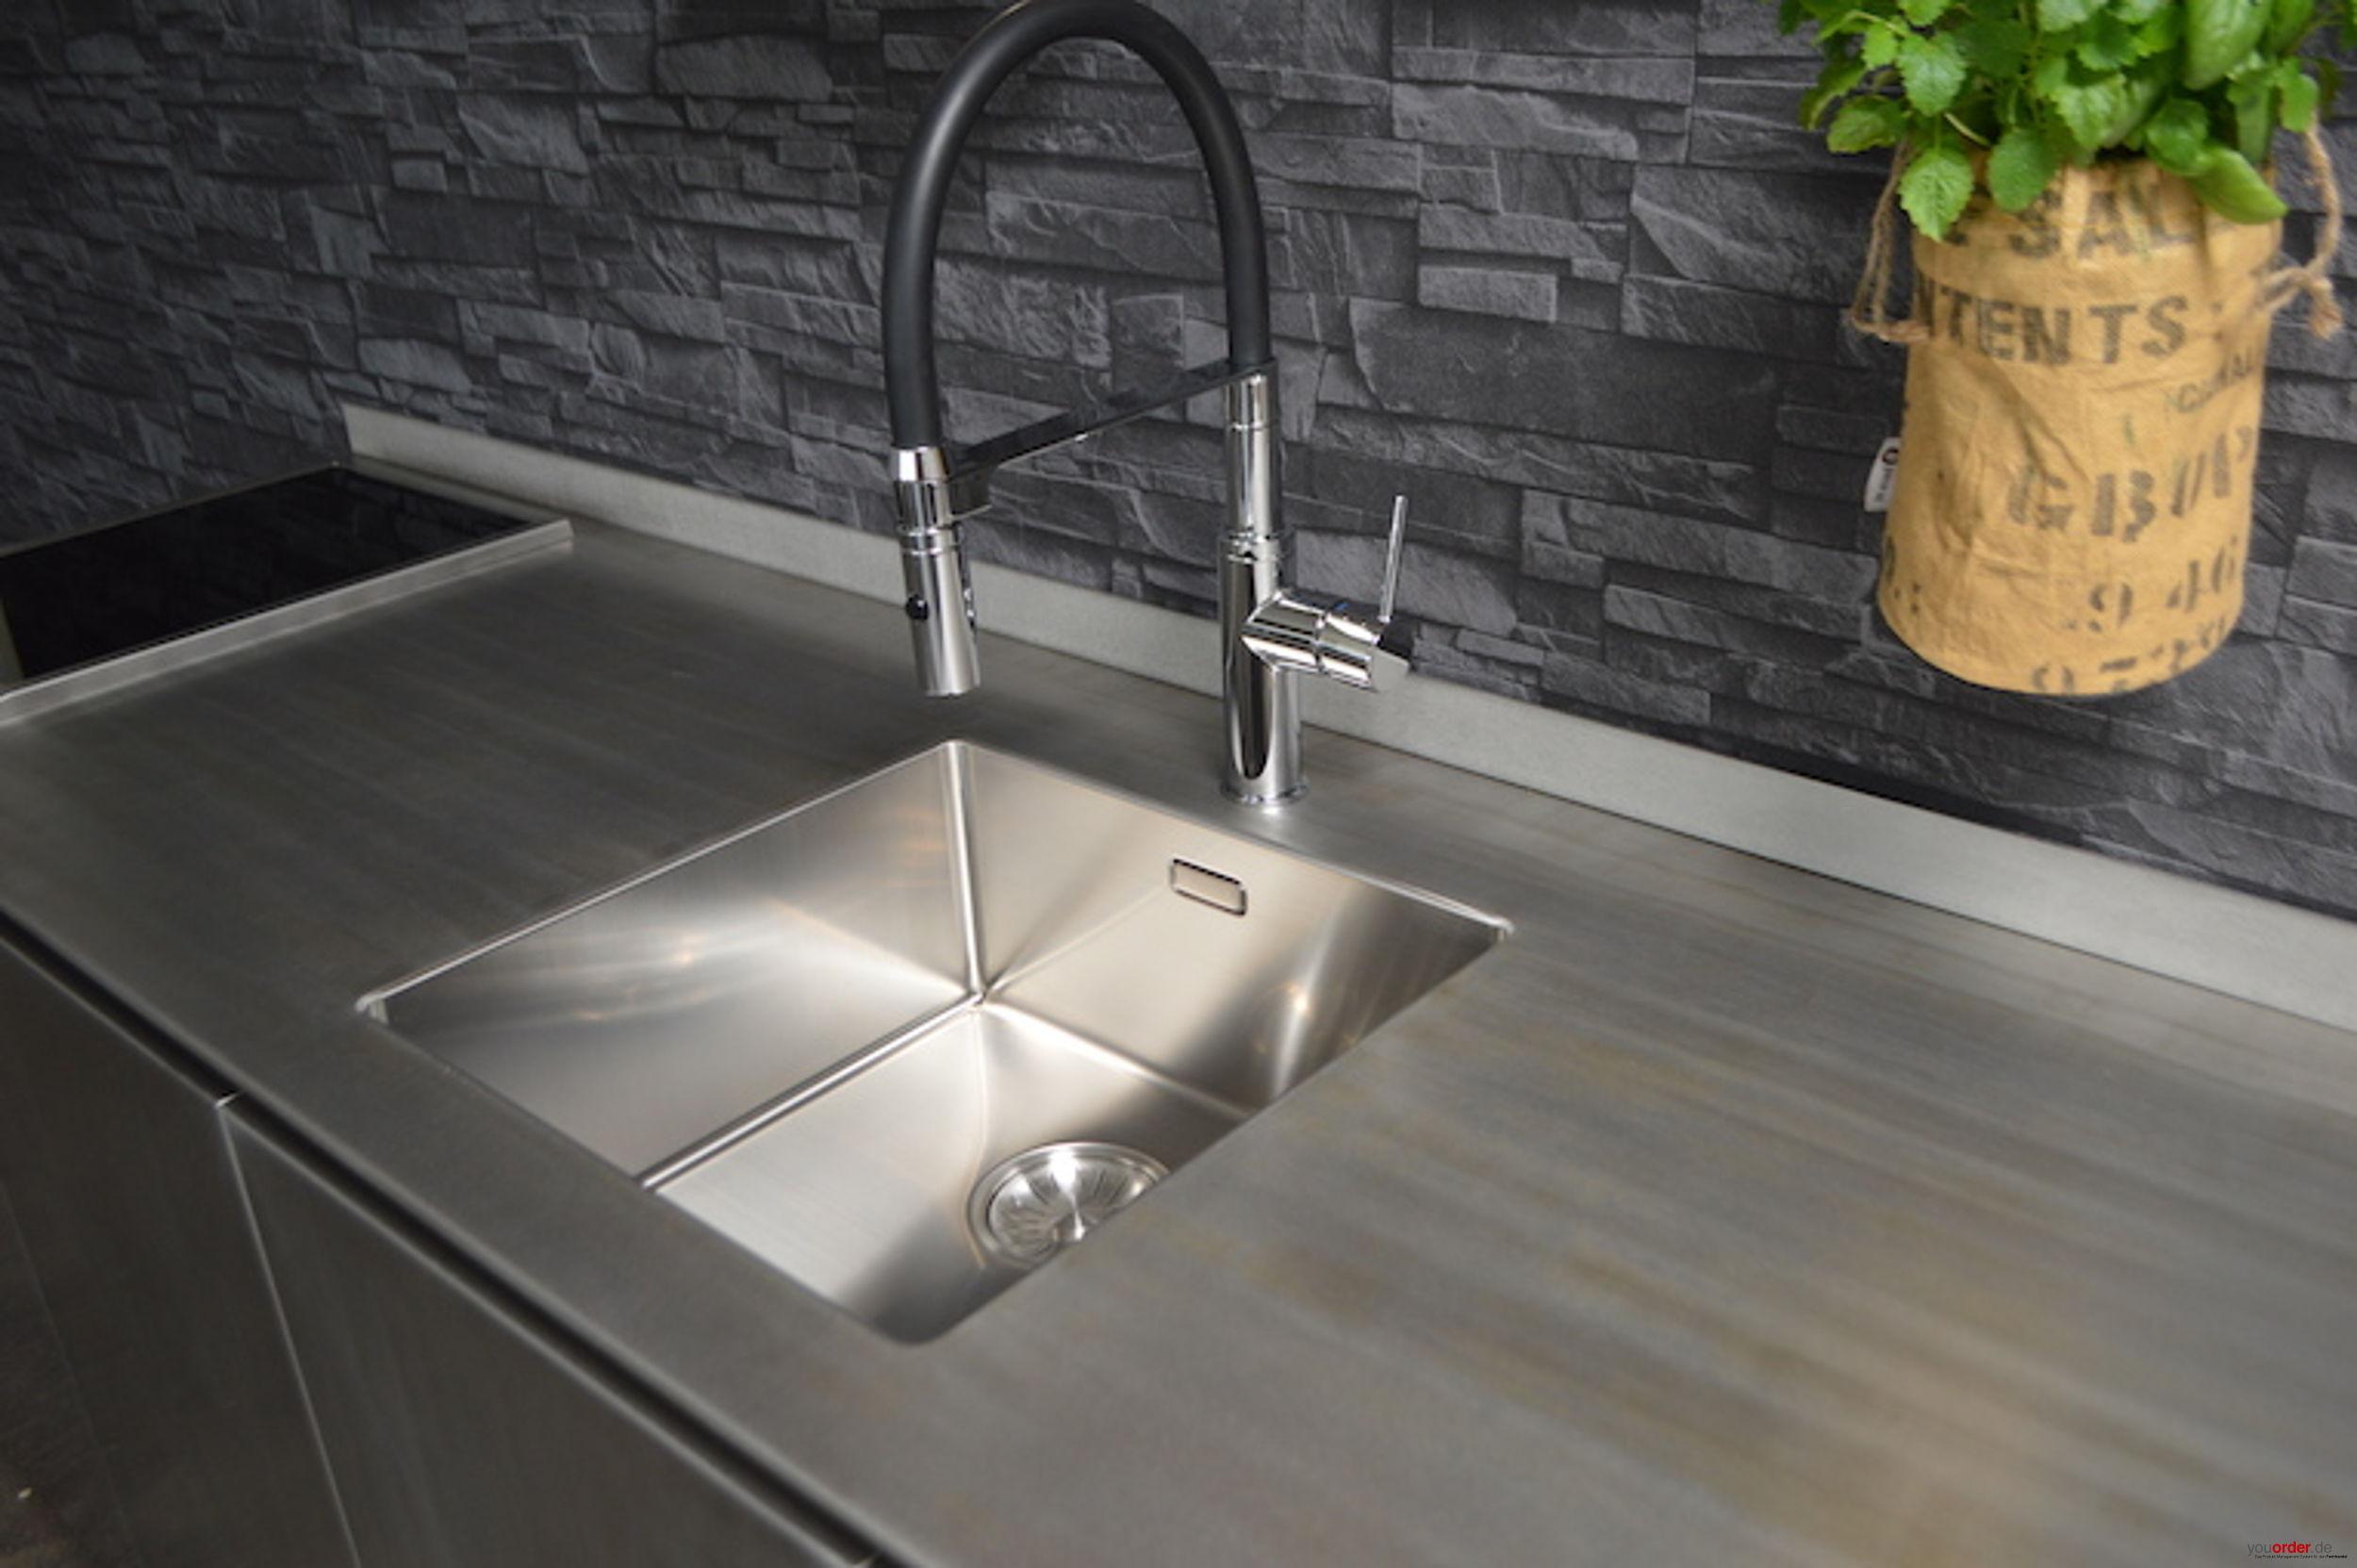 Outdoor Küche Ikea Gebraucht : Outdoor küche edelstahl gebraucht outdoor kuche edelstahl ikea